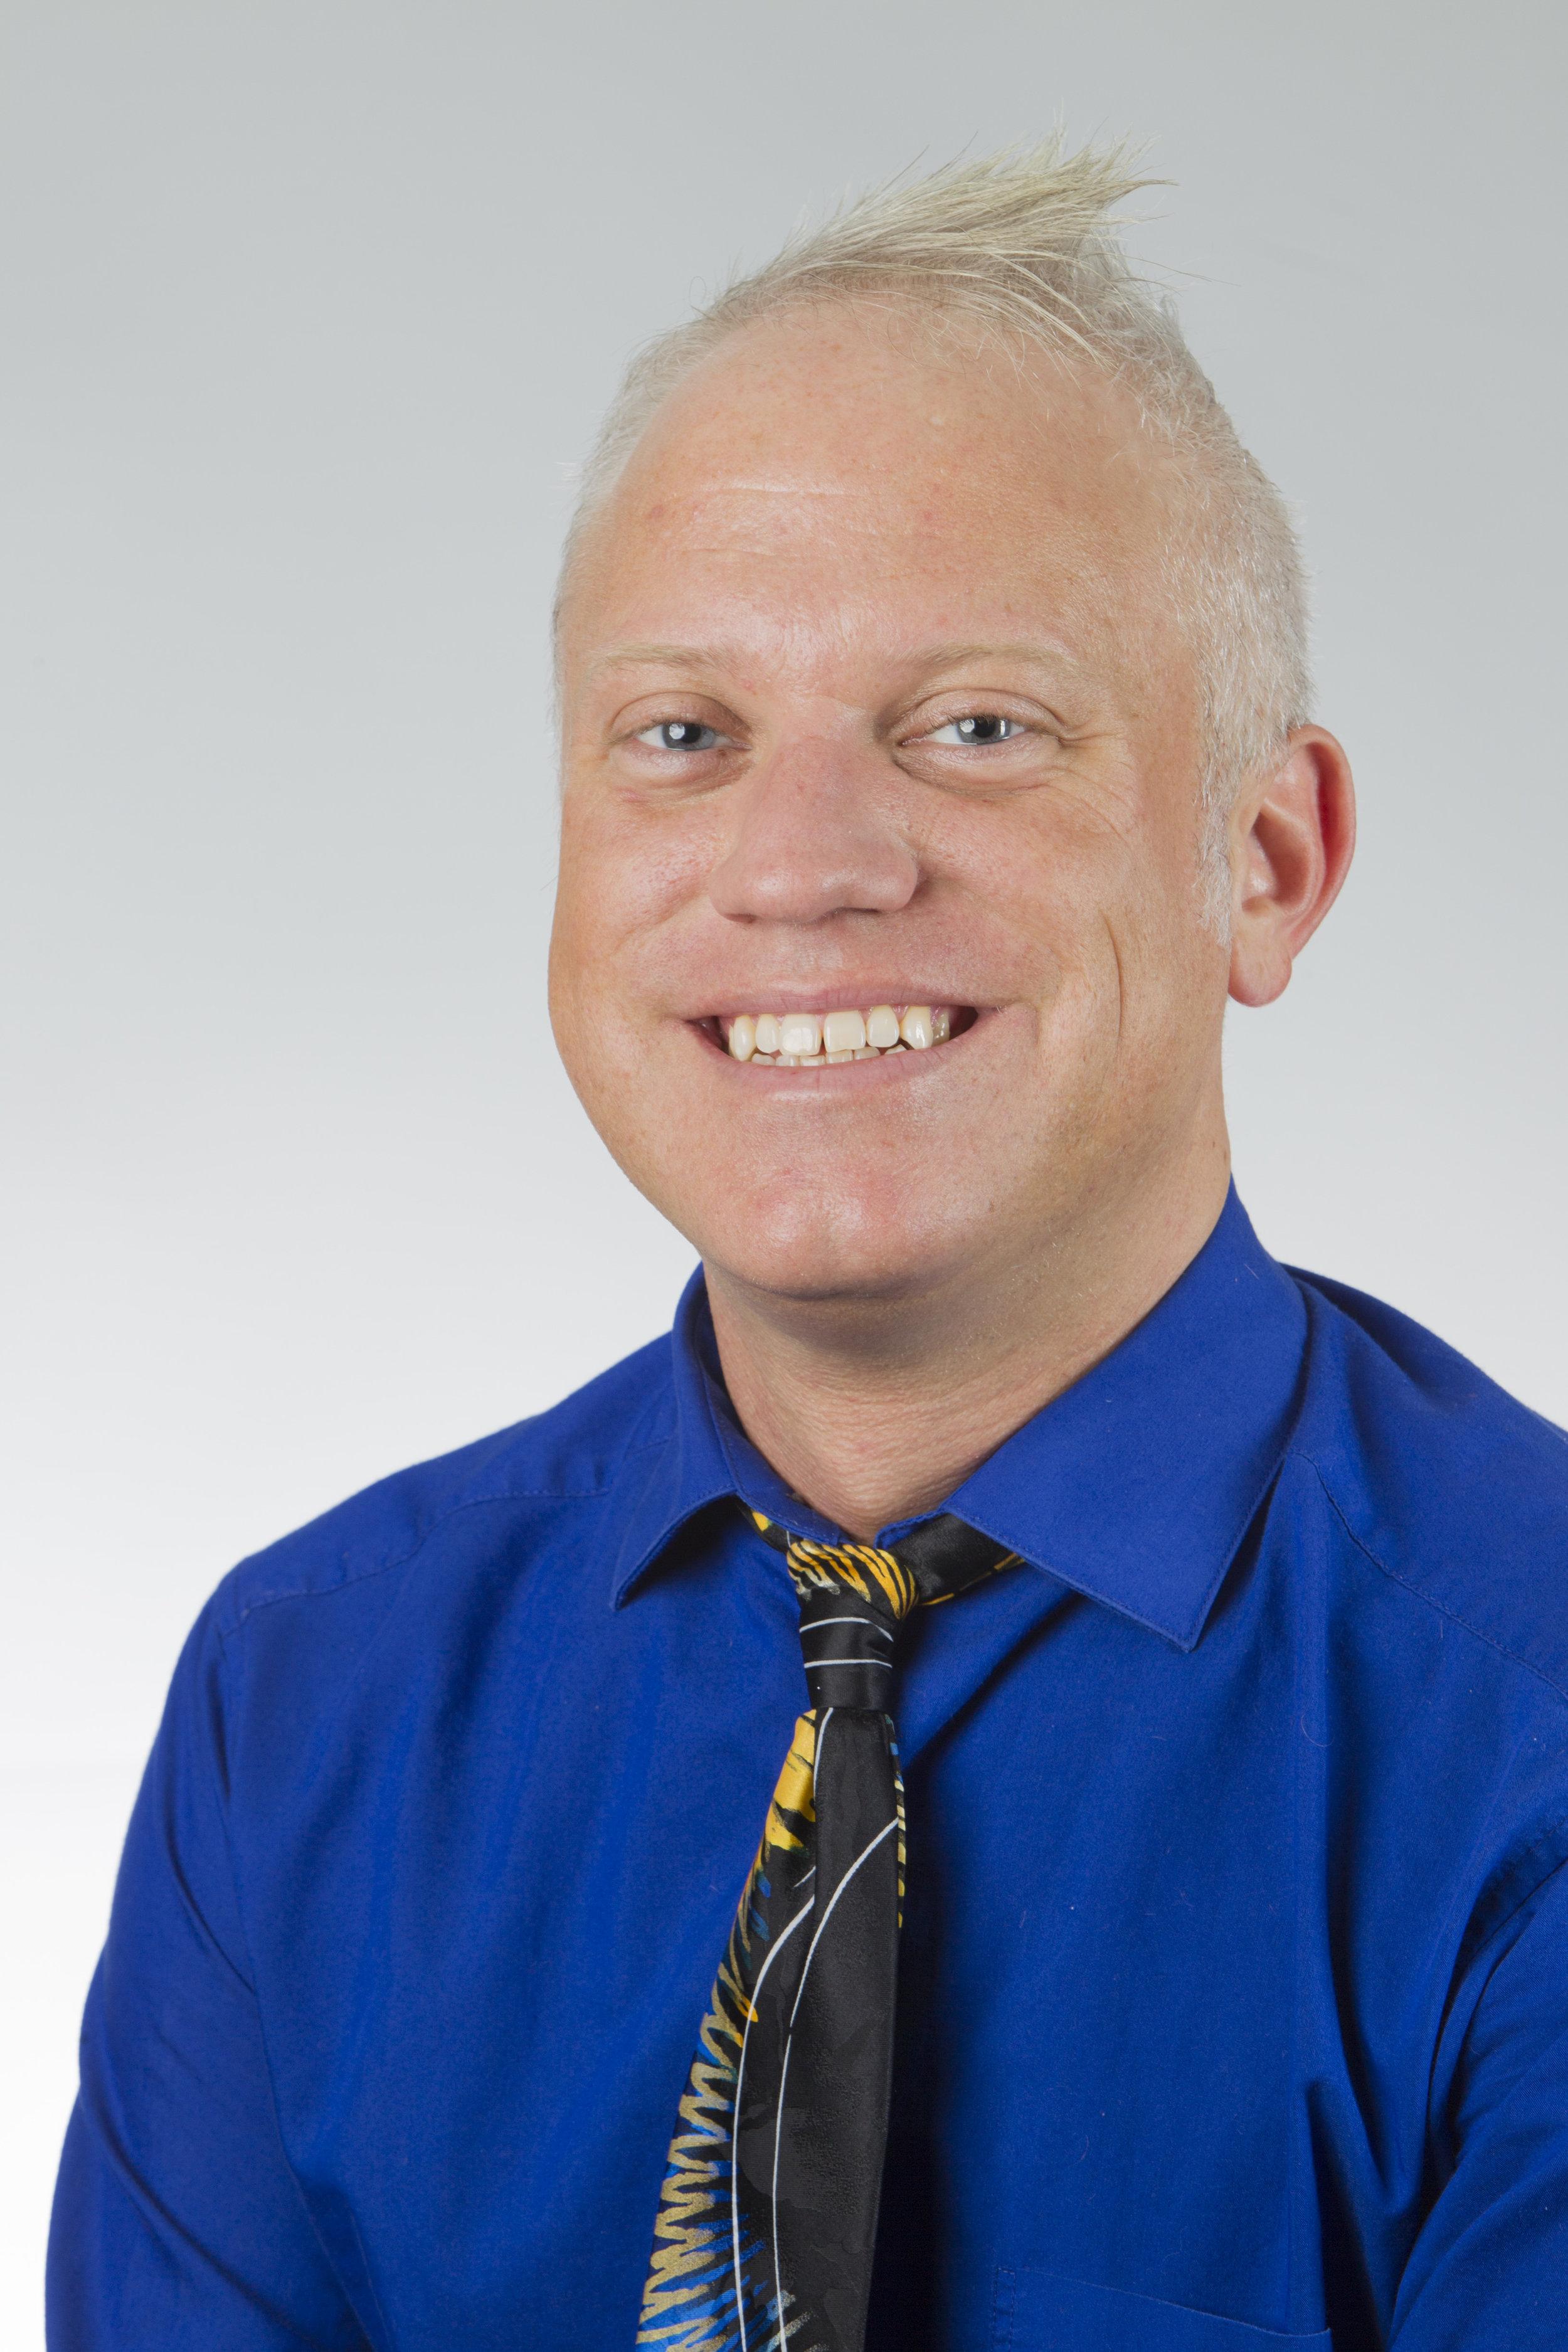 David Ealy